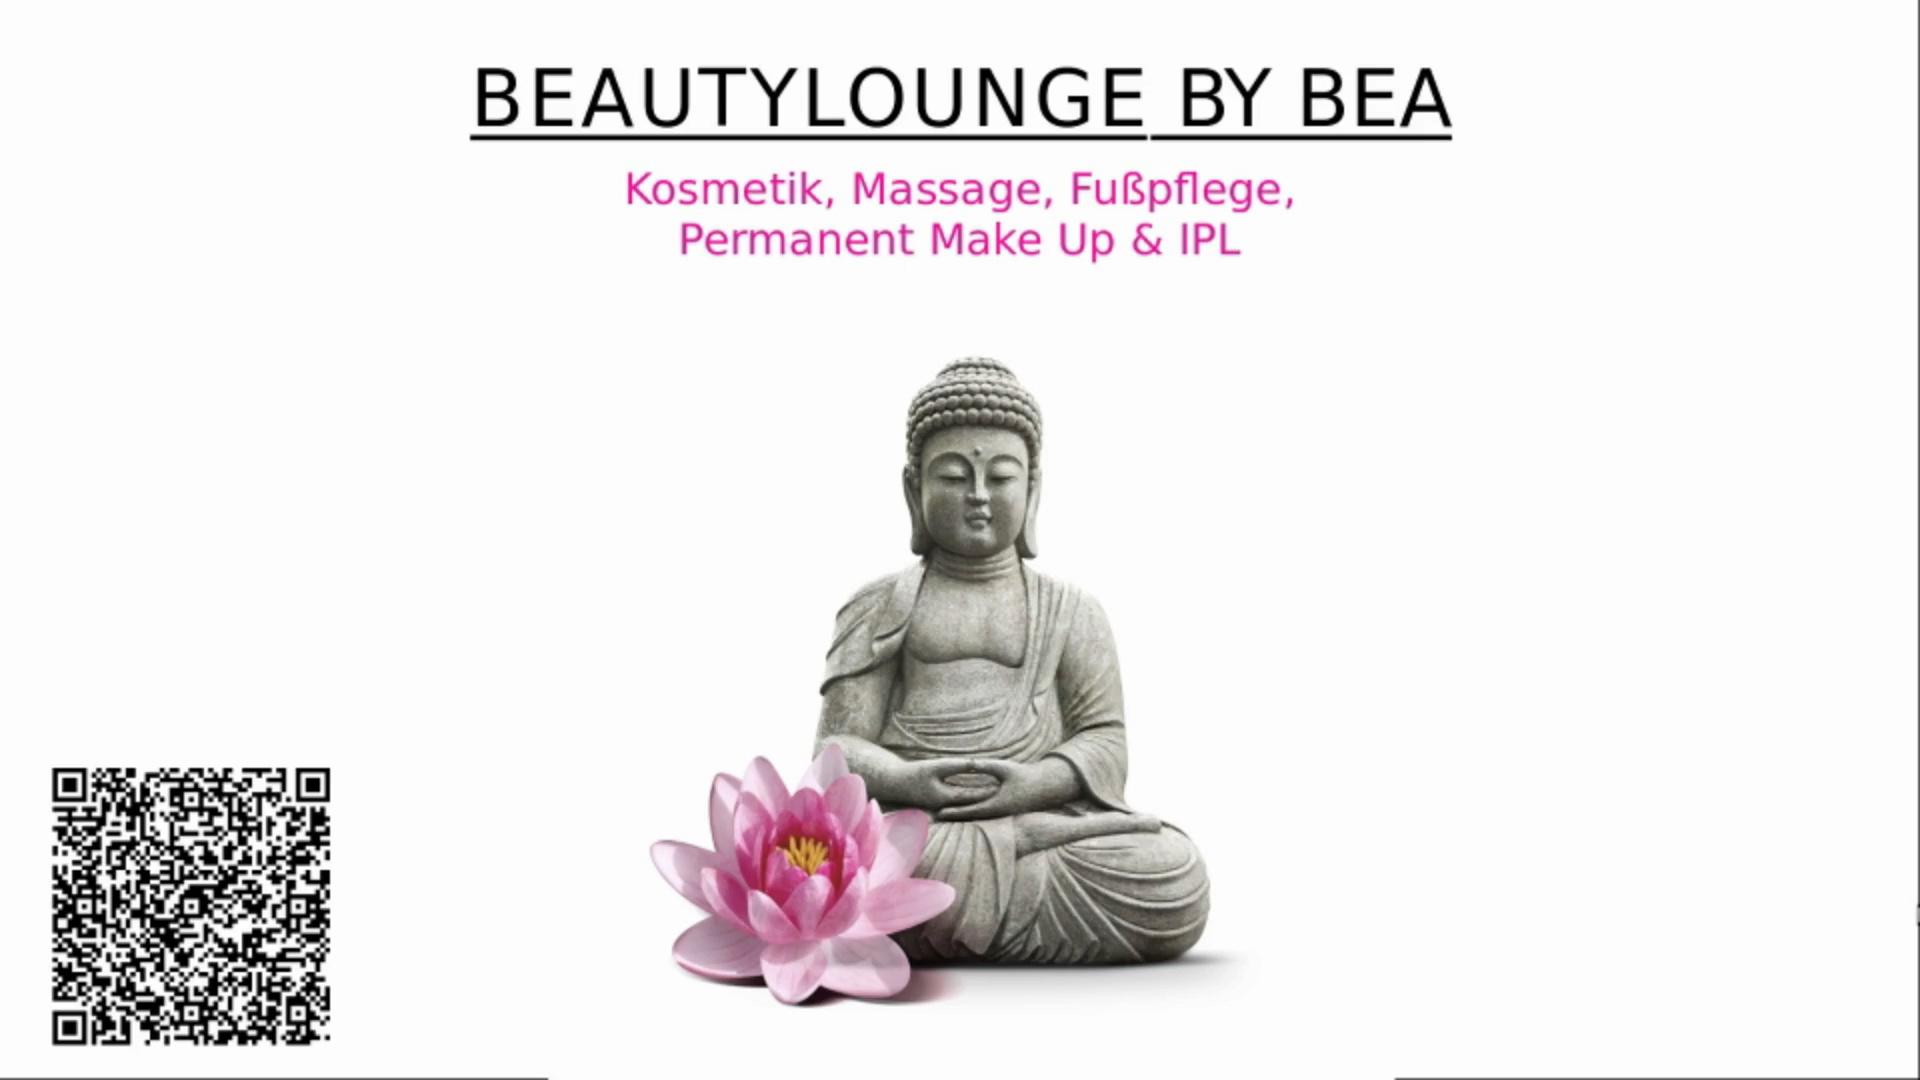 Beatylounge by Bea